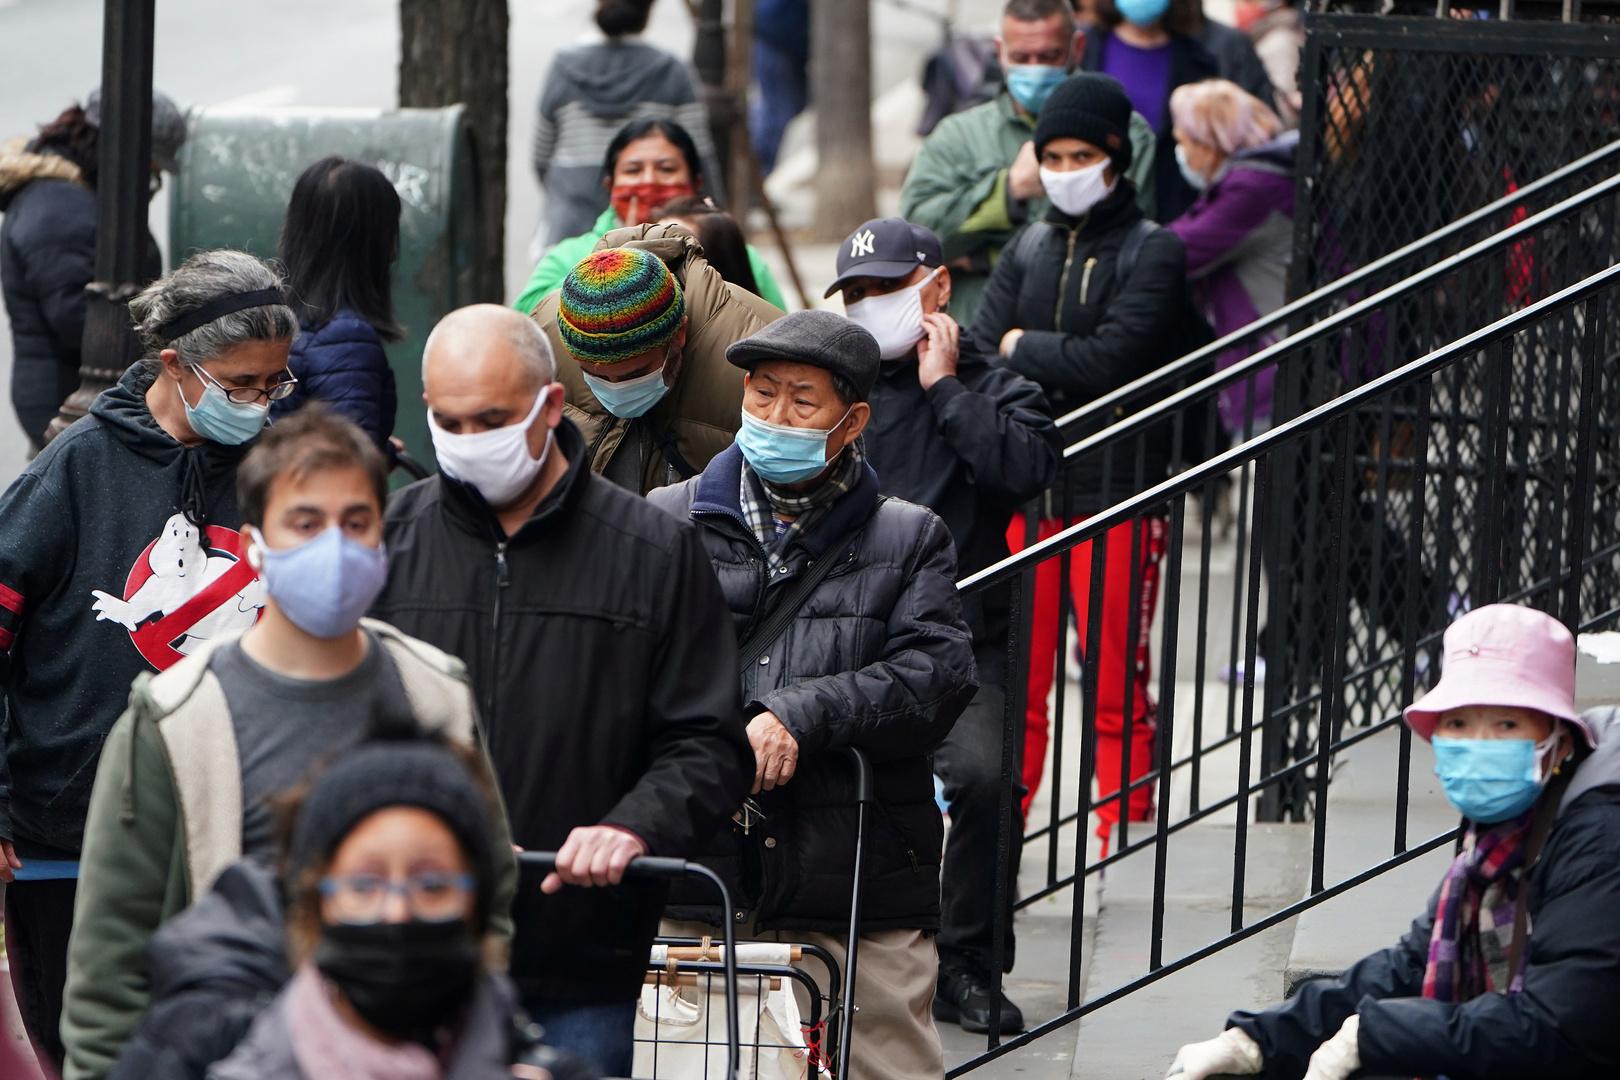 استطلاع: 72% من الأمريكيين يؤيدون فرض ارتداء الكمامة في كل الأماكن العامة